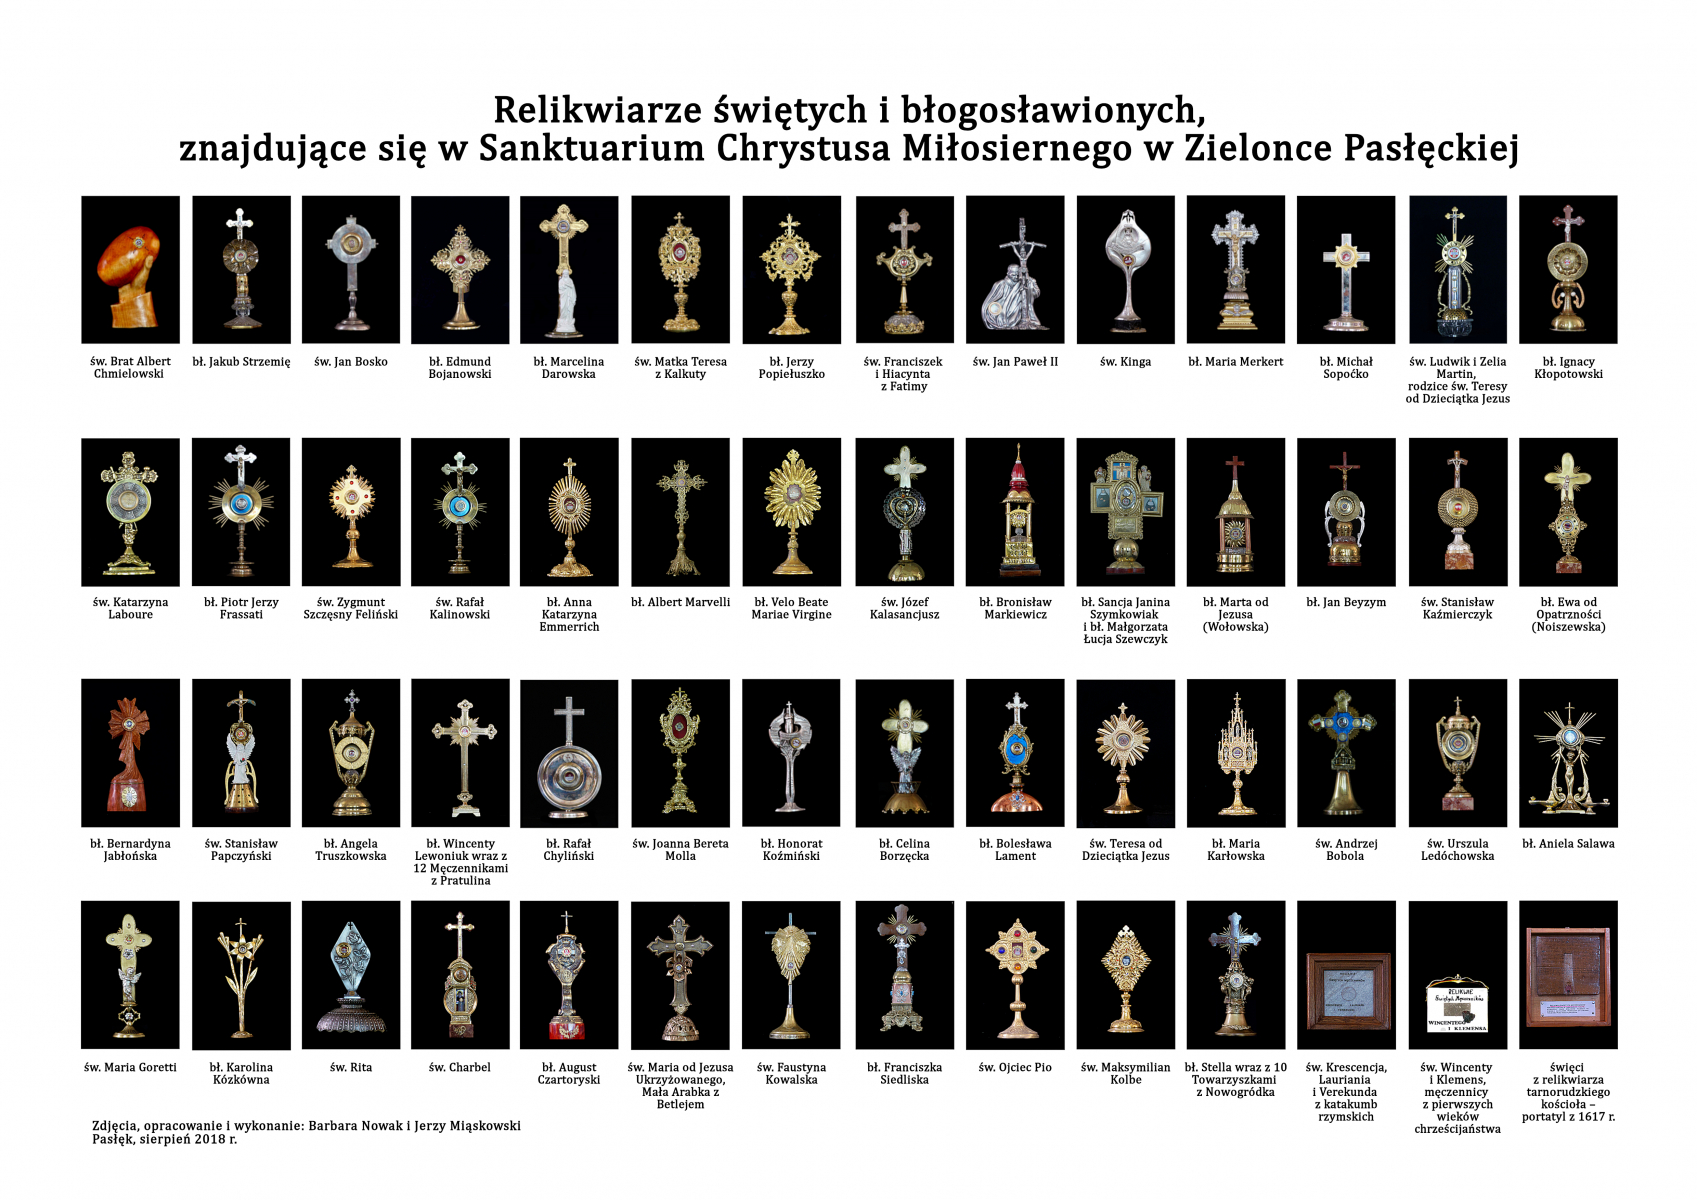 Relikwiarze świętych i błogosławionych